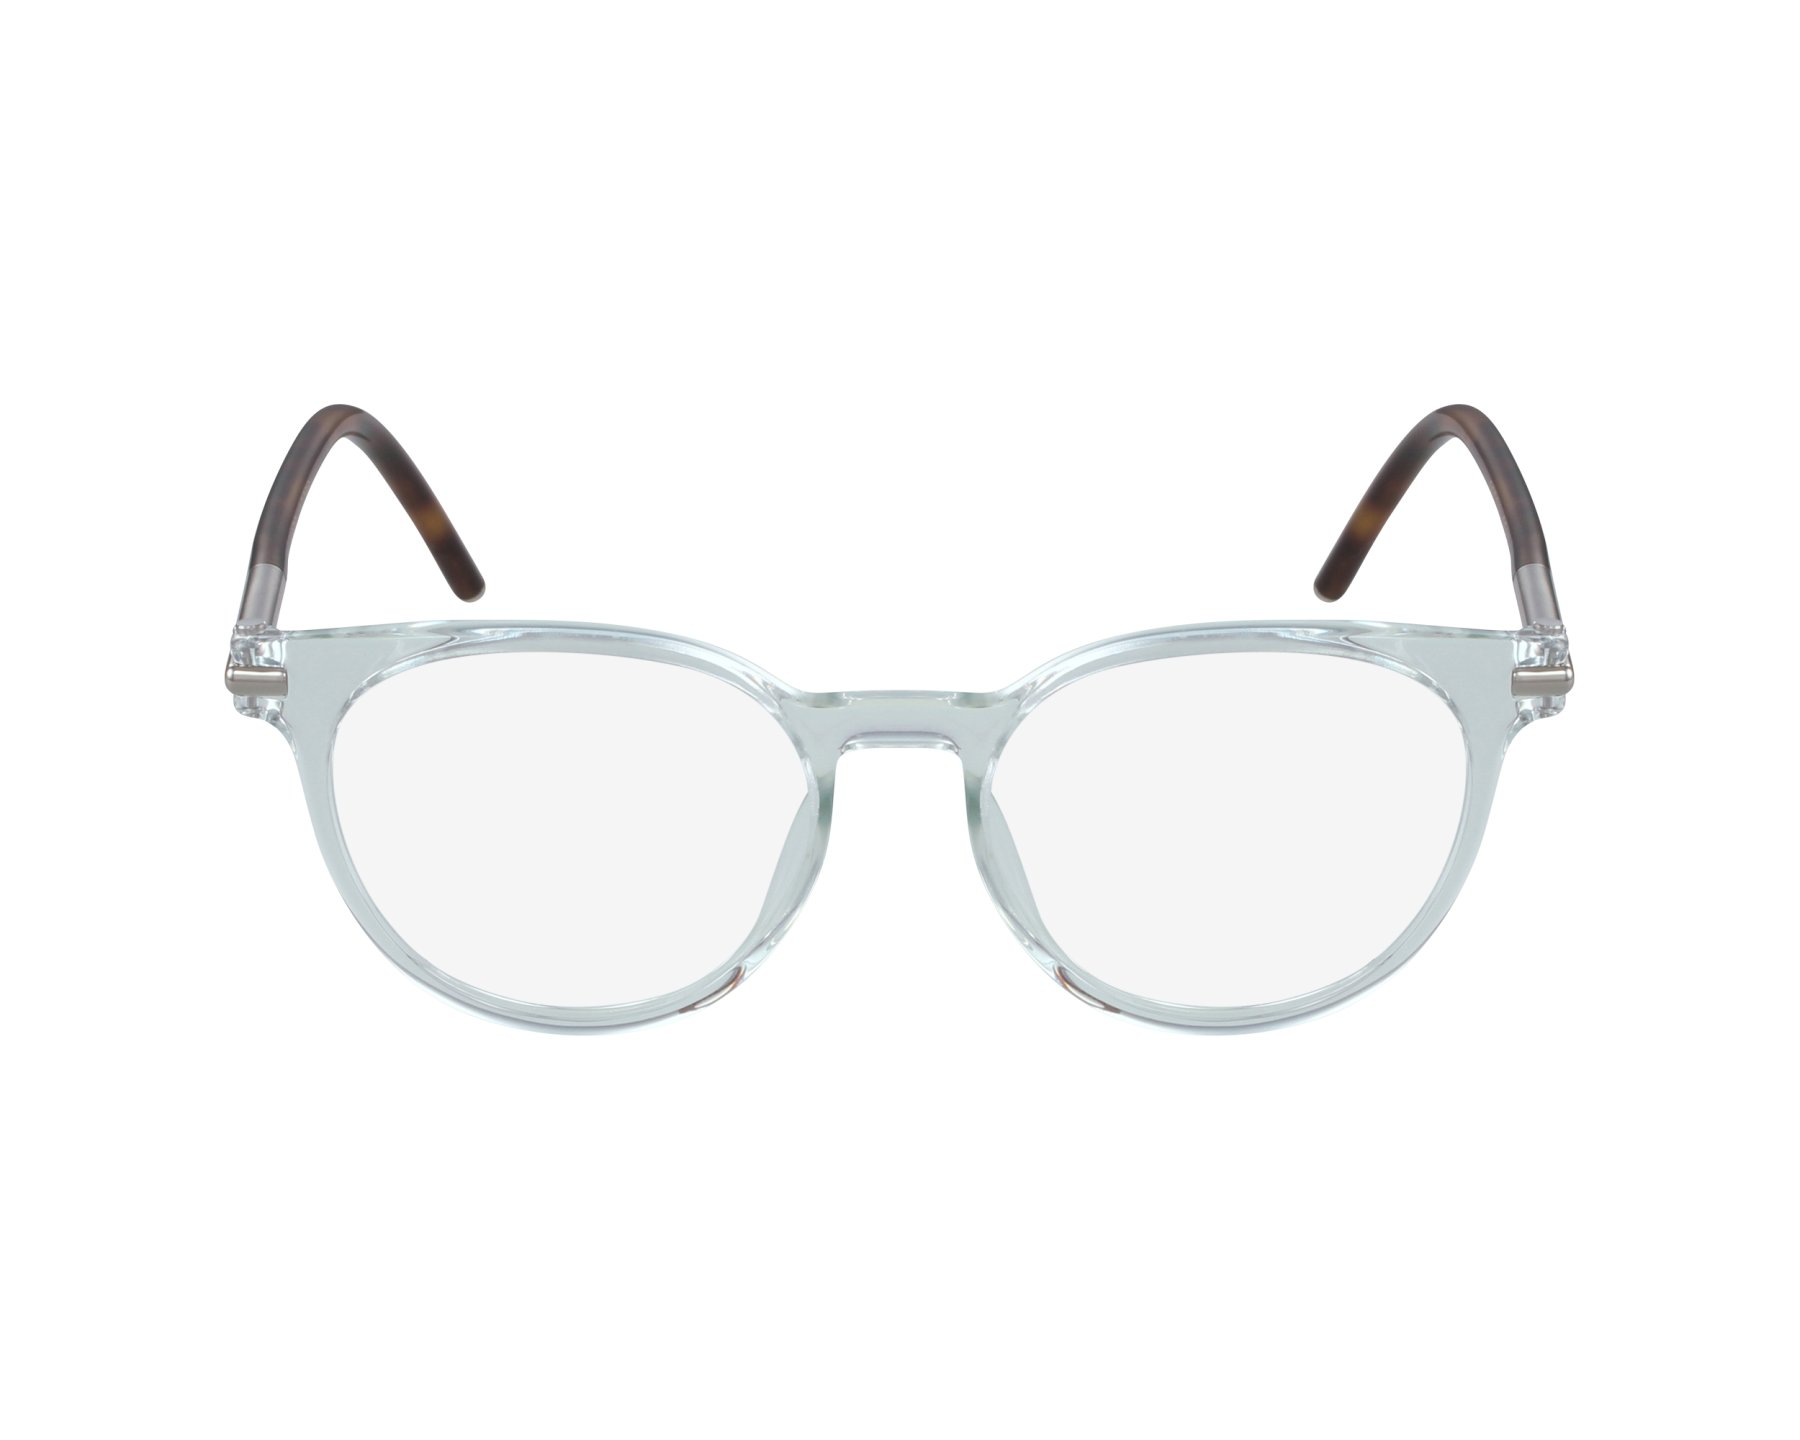 9018879055 Lunettes de vue Marc Jacobs MARC-51 TPD - Transparent Marron vue de profil